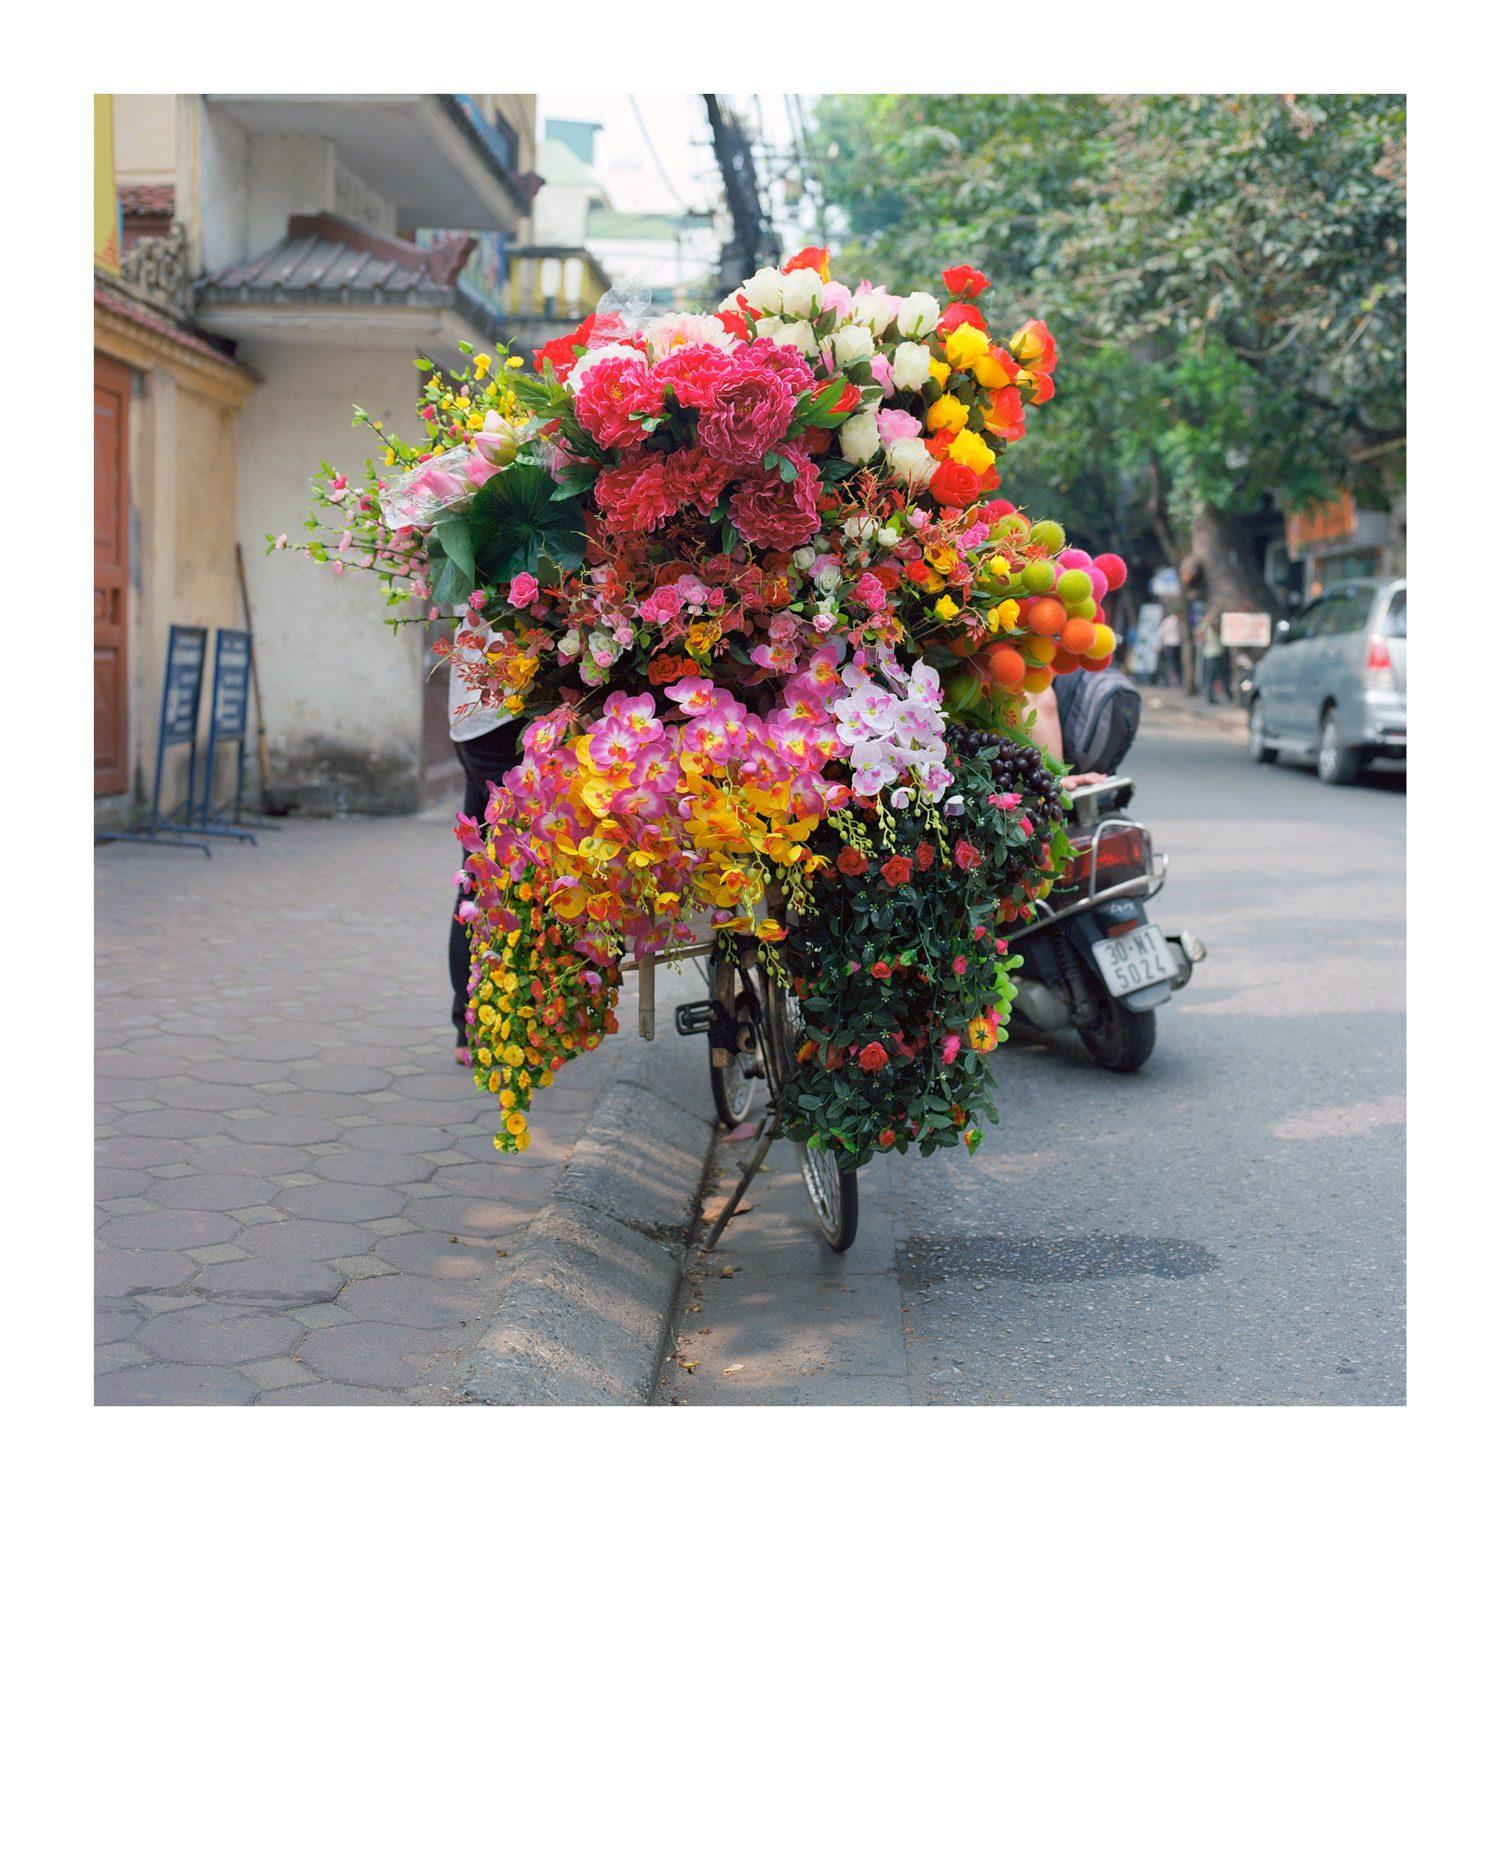 Hang Tough Hanoi